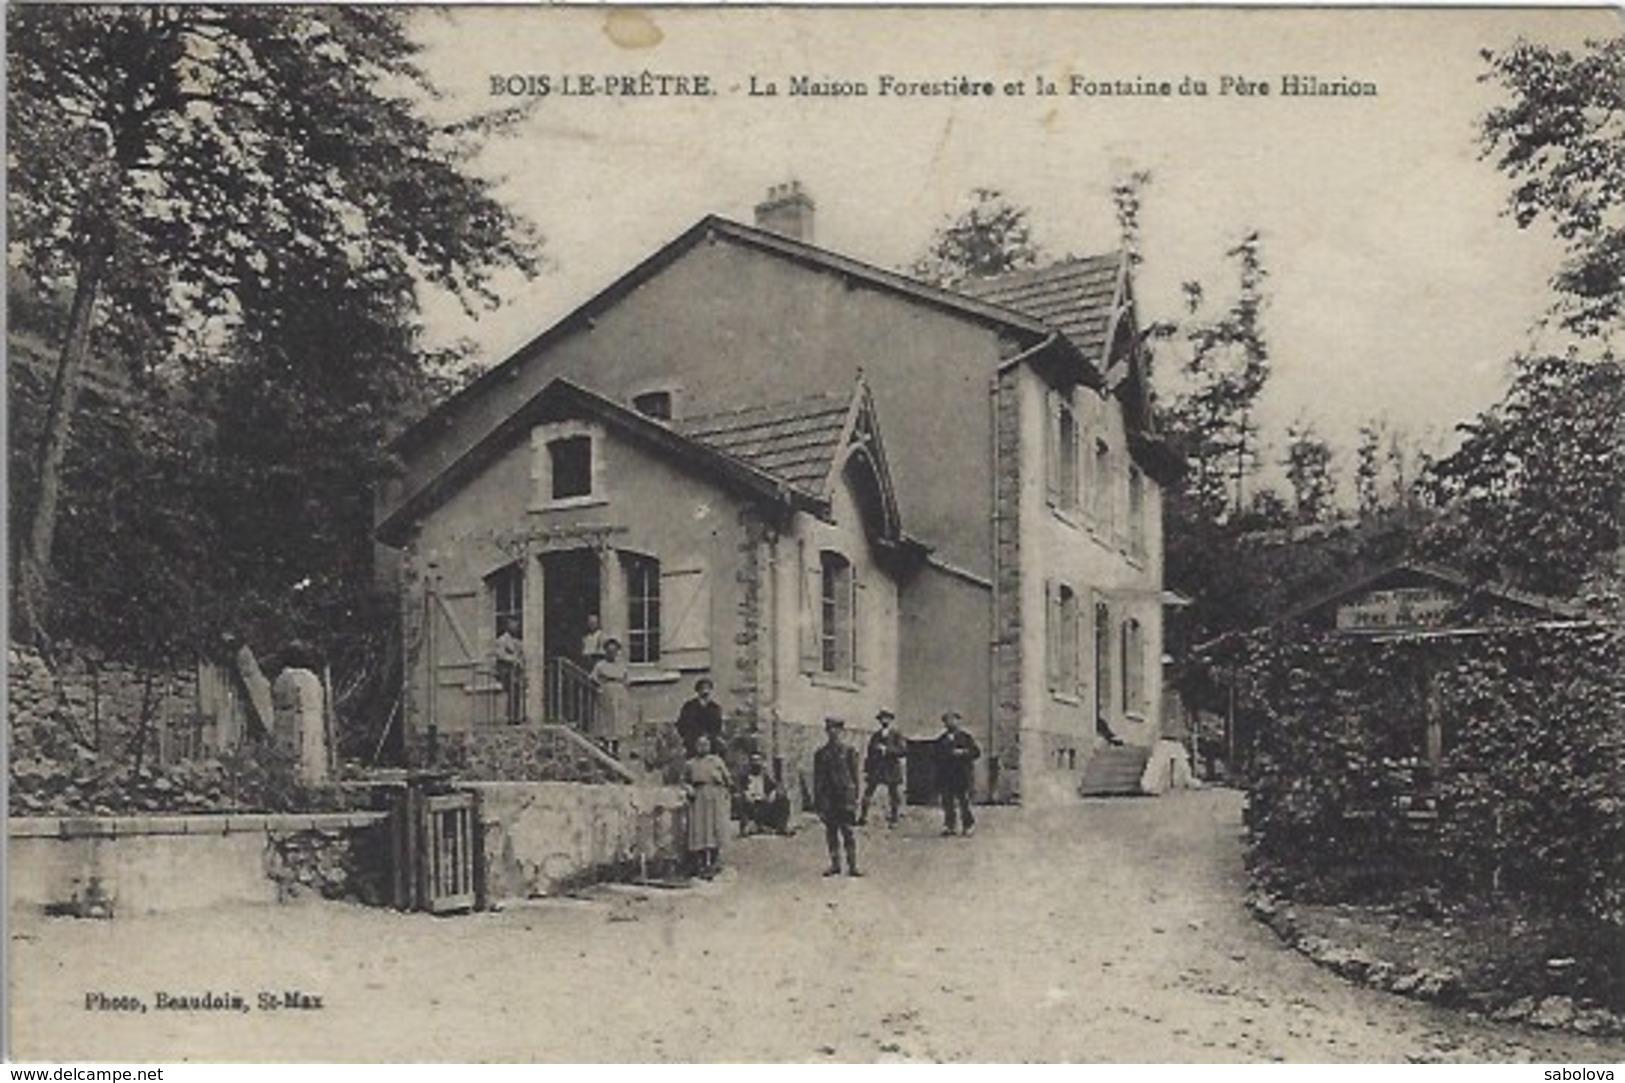 Pont à Mousson Bois Le Prêtre Maison Forestière Et Fontaine Père Hilarion - Pont A Mousson